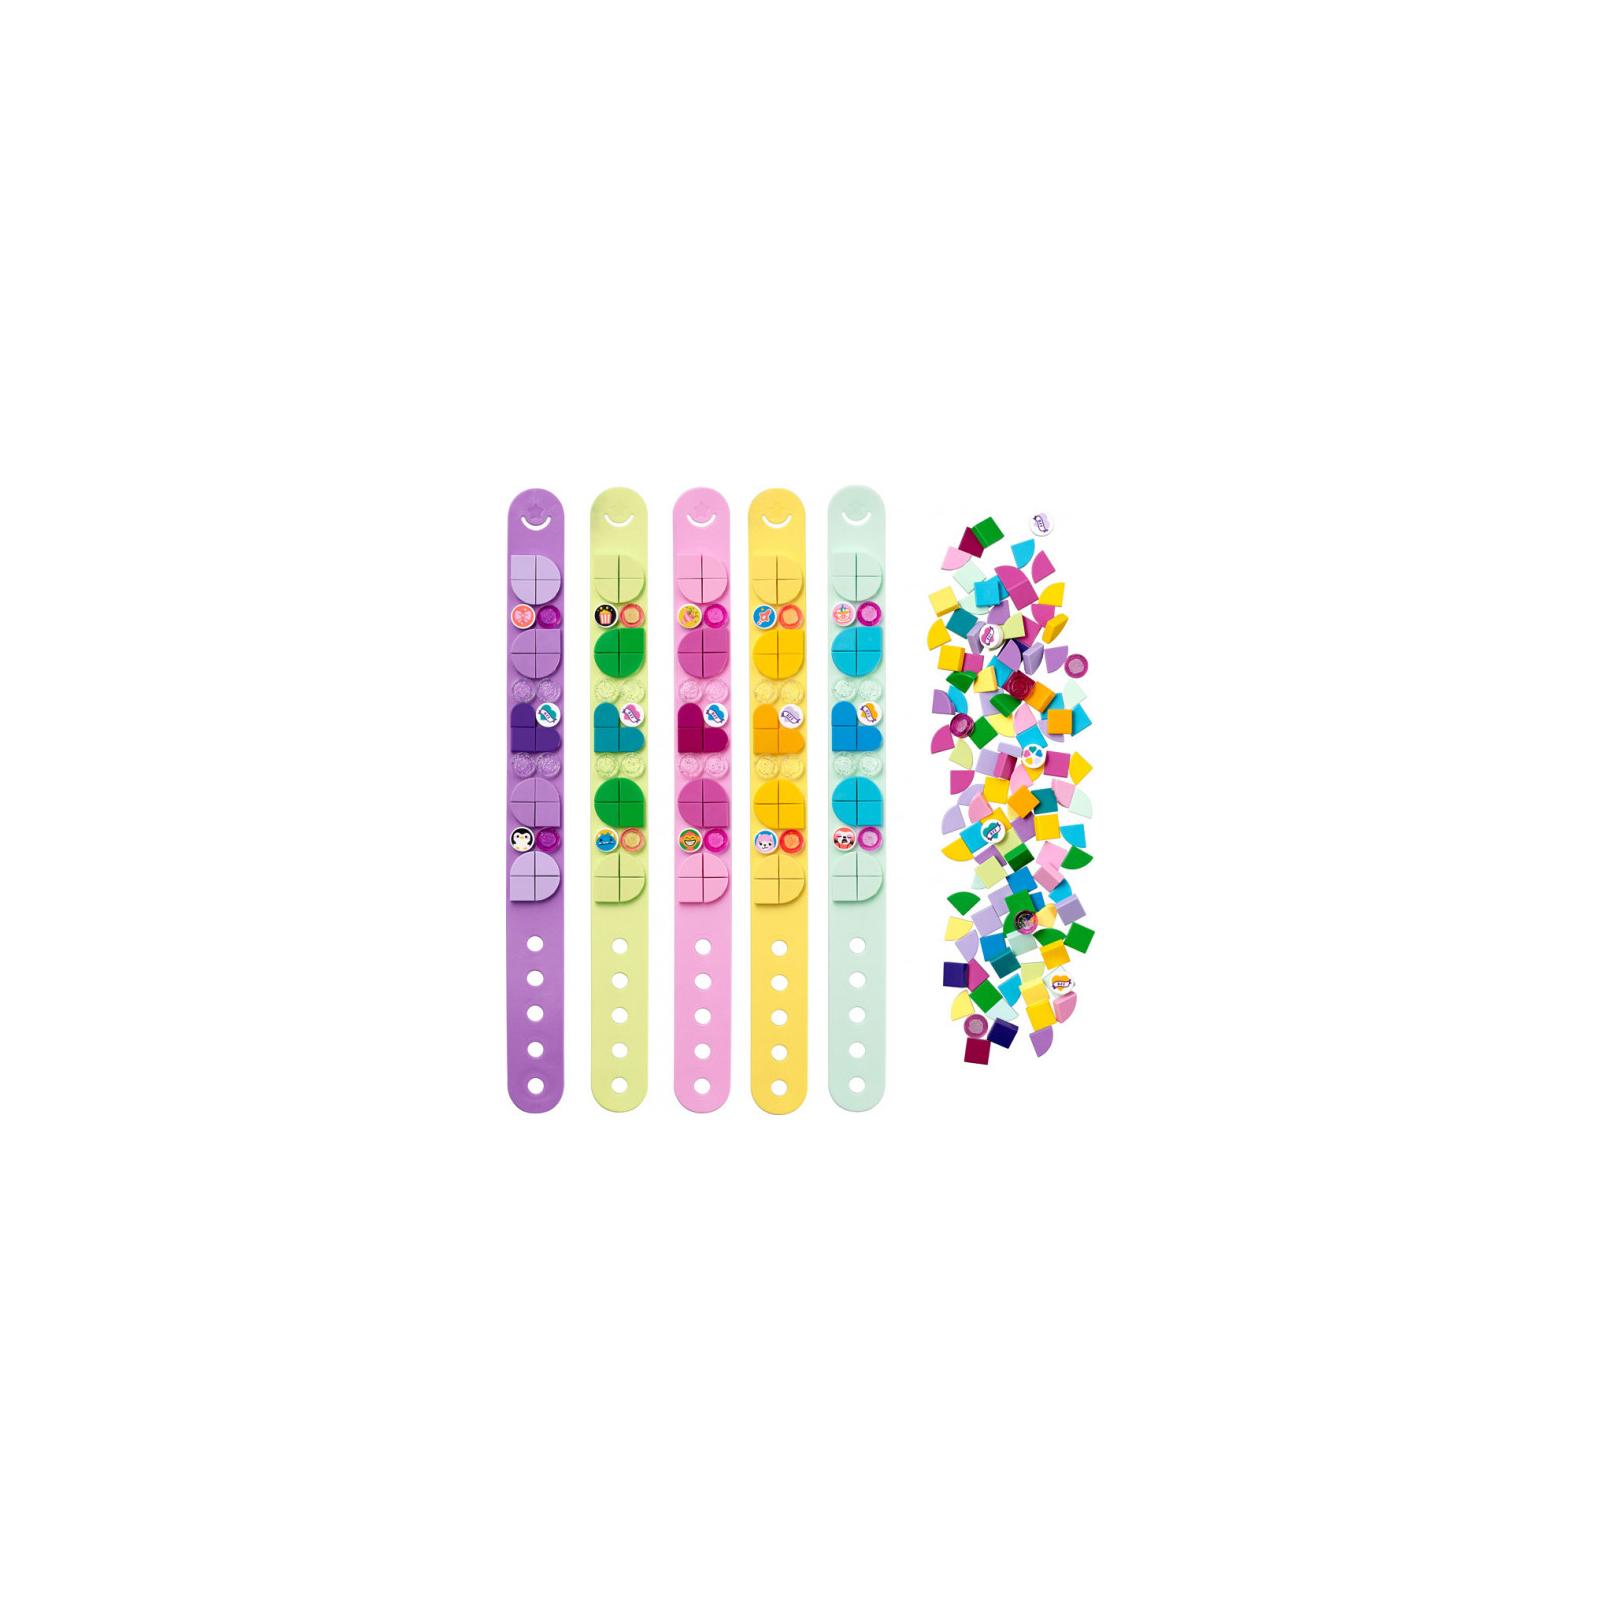 Конструктор LEGO DOTs Большой набор для создания браслетов (41913) изображение 7